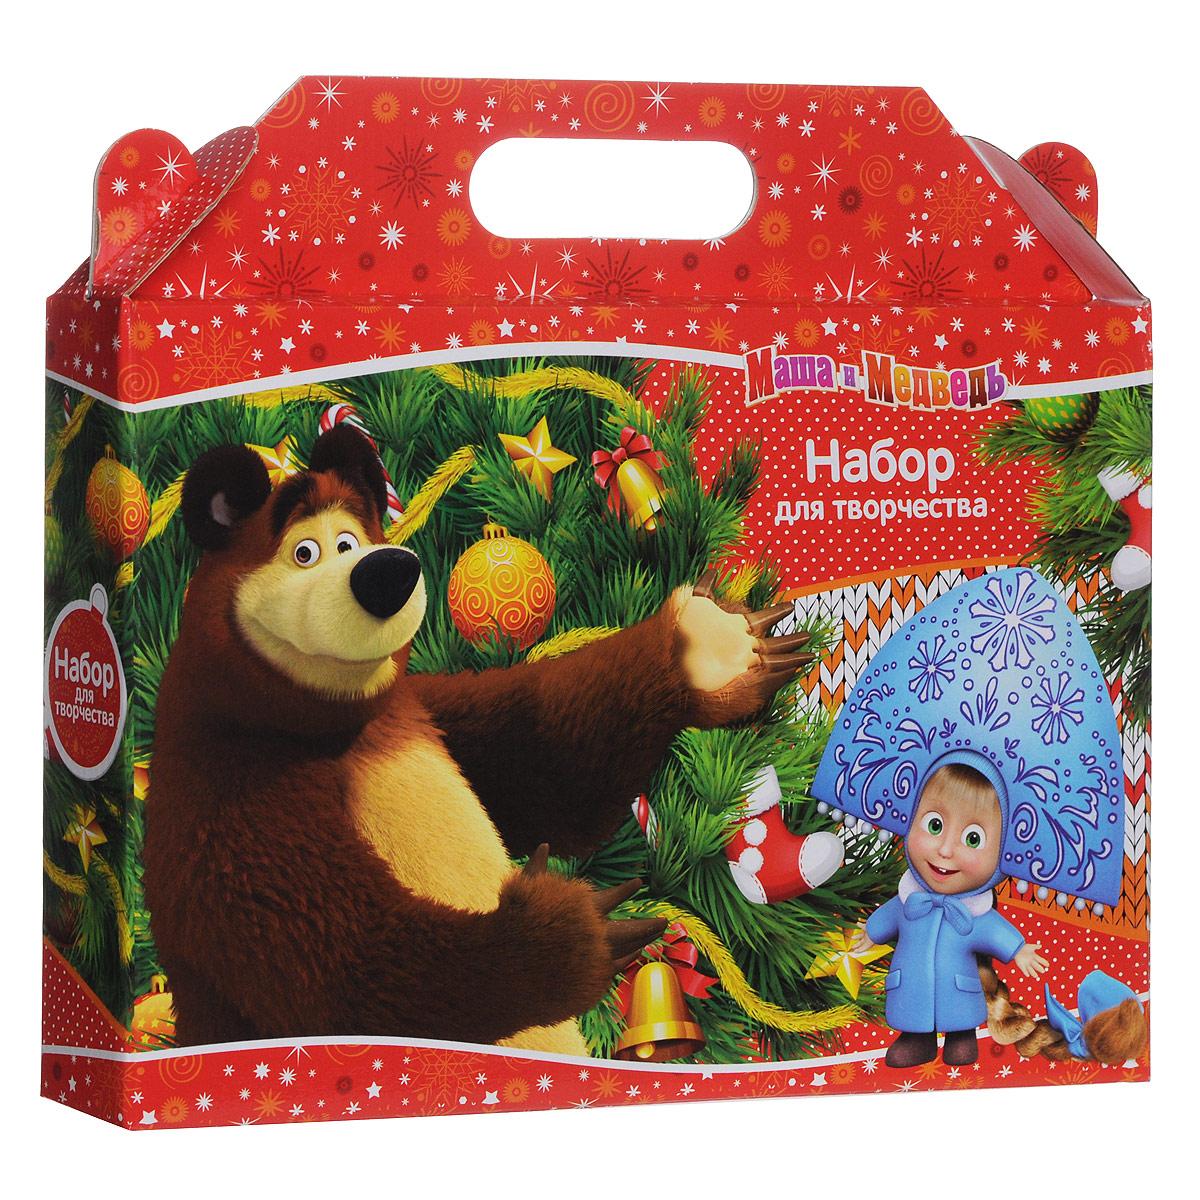 Набор для творчества Маша и Медведь Новогодний, цвет: красный23755Набор для творчества Маша и Медведь Новогодний позволит вашему ребенку создавать всевозможные рисунки, аппликации и поделки. В набор входят 10 листов цветной бумаги, 10 листов цветного картона, пластилин белого, красного, желтого, зеленого, синего, черного коринечвого и оранжевого цветов, пластиковый стек, клей-карандаш и ножницы в защитном фуляре. Набор упакован в подарочную коробку, оформленную изображениями Маши и Мишки - главных героев популярного мультсериала Маша и Медведь. Ножницы с пластиковыми ручками снабжены хорошо заточенными лезвиями из высококачественной нержавеющей стали с закругленными концами. Предусмотрен защитный футляр для лезвий. Пластилин обладает отличными пластичными свойствами, легко размягчается, не липнет к рукам, не имеет запаха, безопасен. Клей-карандаш, предназначенный для склеивания бумаги, картона, ткани и фотографий, легко и равномерно наносится, прочно склеивает различные поверхности. Клей не имеет запаха и безопасен при...